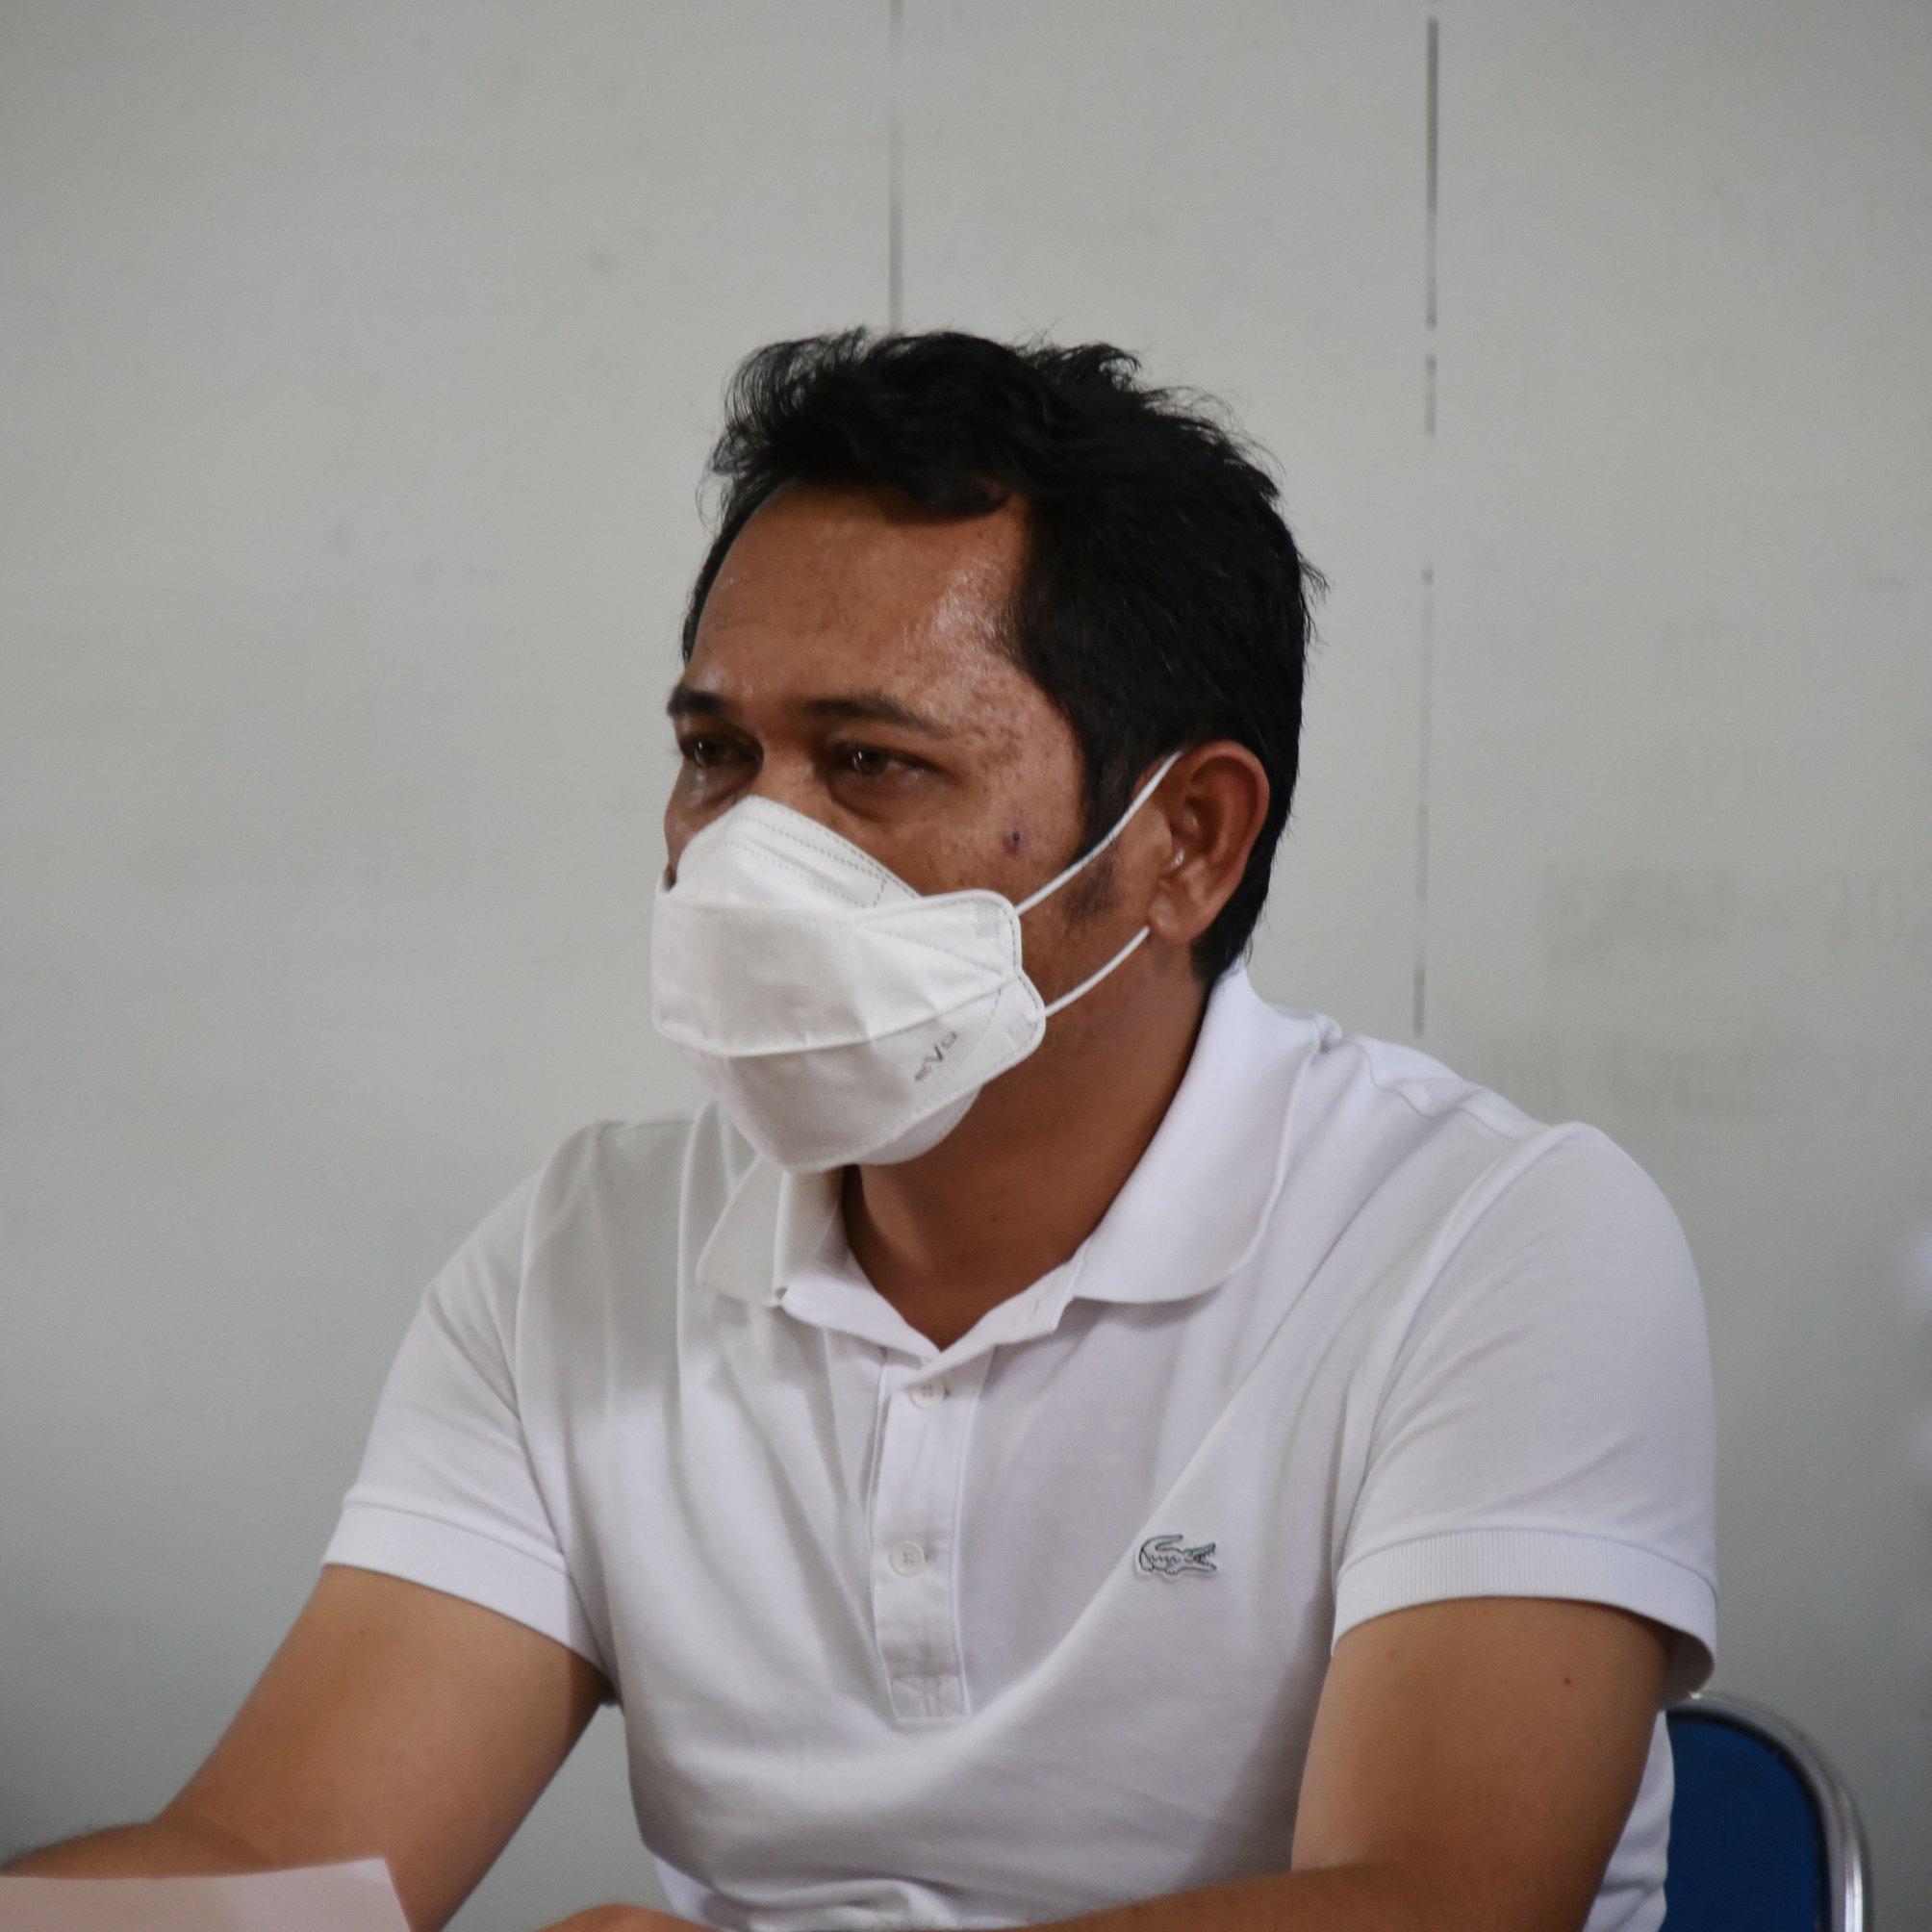 Pemkab Humbahas Terima APD dari Anggota DPR RI Bekerjasama dengan Satgas COVID-19 BUMN